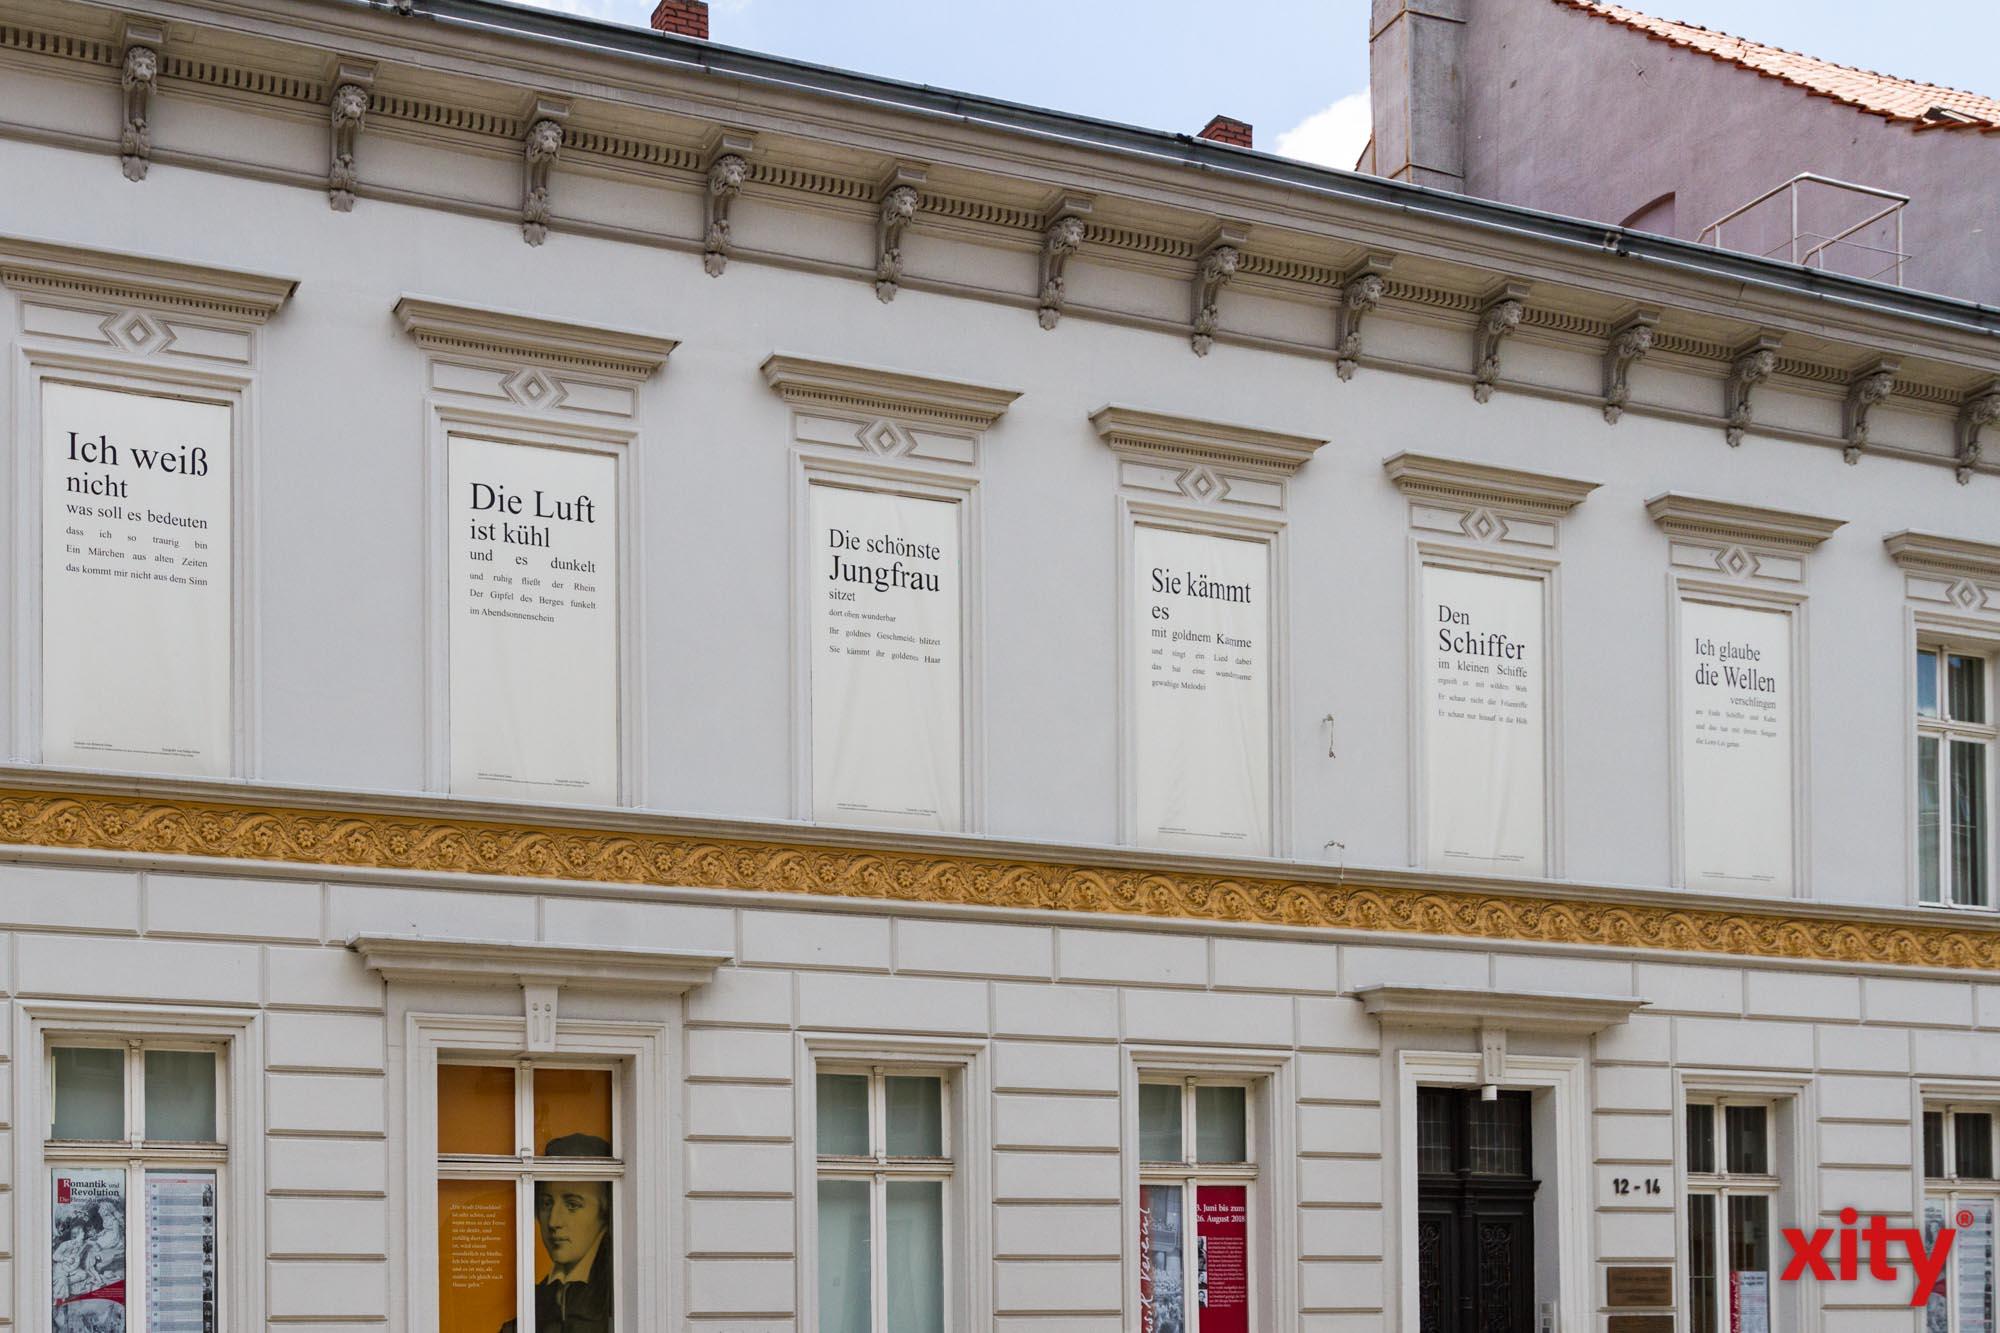 Gedenkveranstaltung zu Dieter Forte im Heinrich-Heine-Institut (Foto: xity)